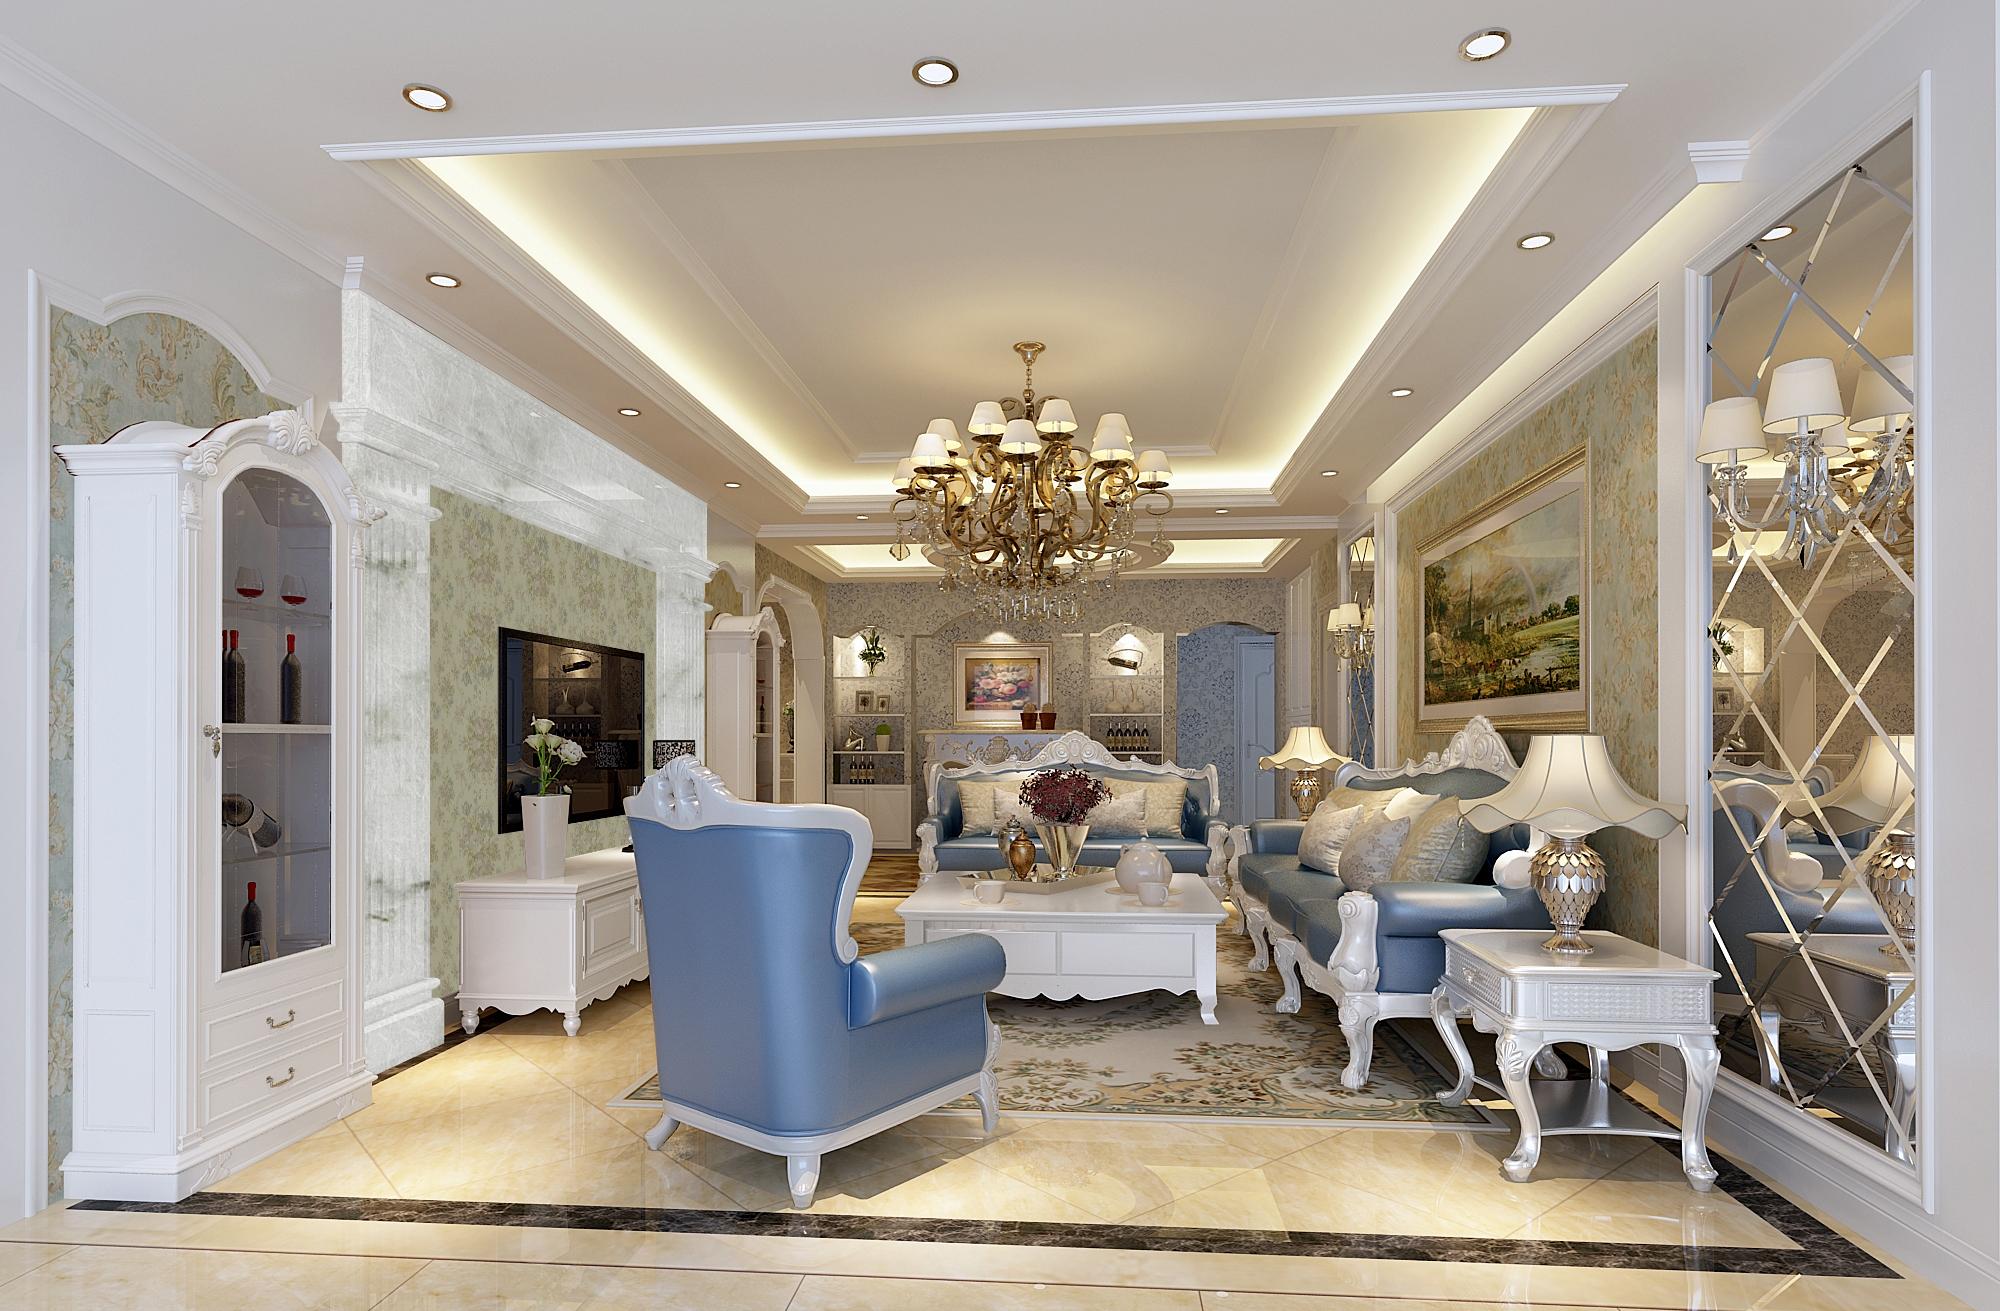 长沙装修丨客厅装修的技巧你都知道吗?